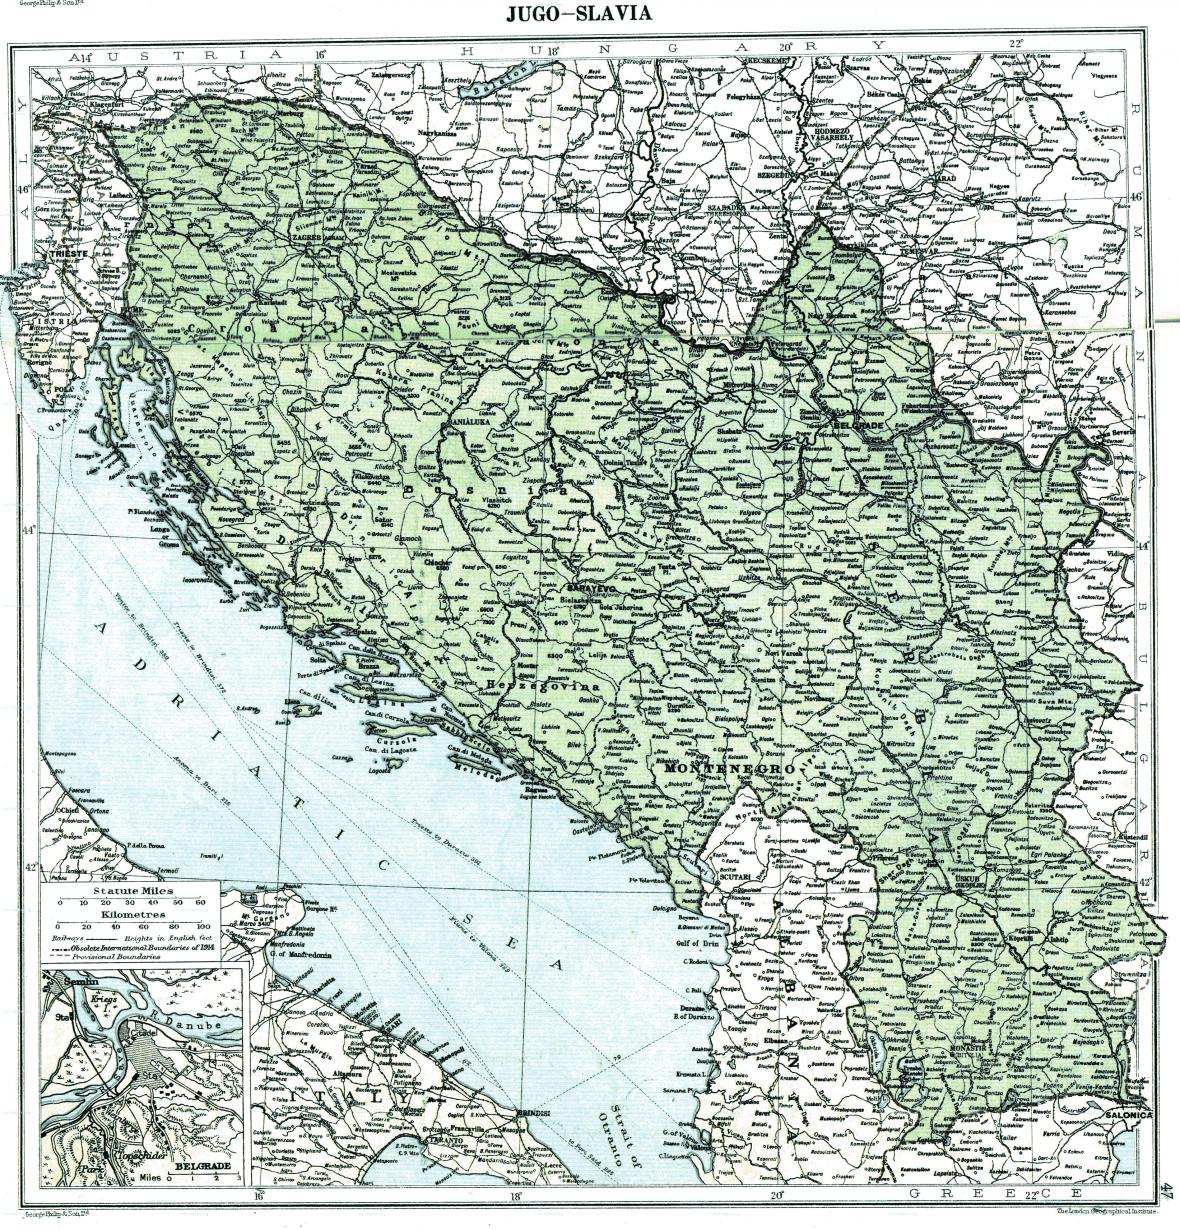 Mapa Království Srbů, Chorvatů a Slovinců (již označeno jako Jugoslávie) z roku 1919